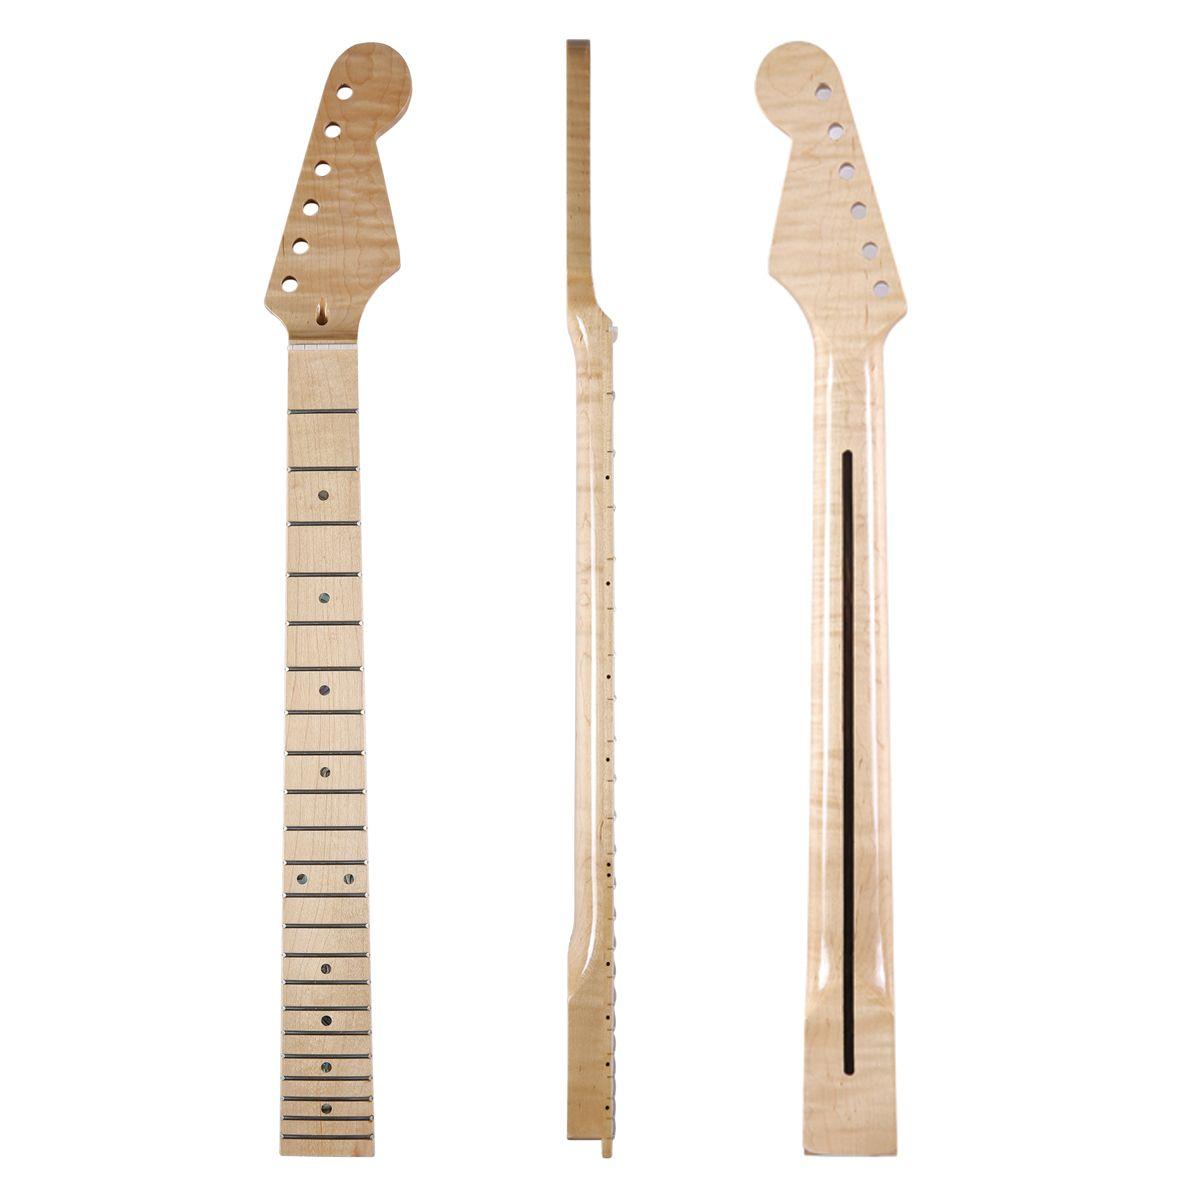 Dopro 22 Fret Glänzend Kanadischen Hoch Tiger Flamme Ahorn Strat Gitarre Neck mit Abalone Shell Inlay Knochen Mutter für Stratocaster